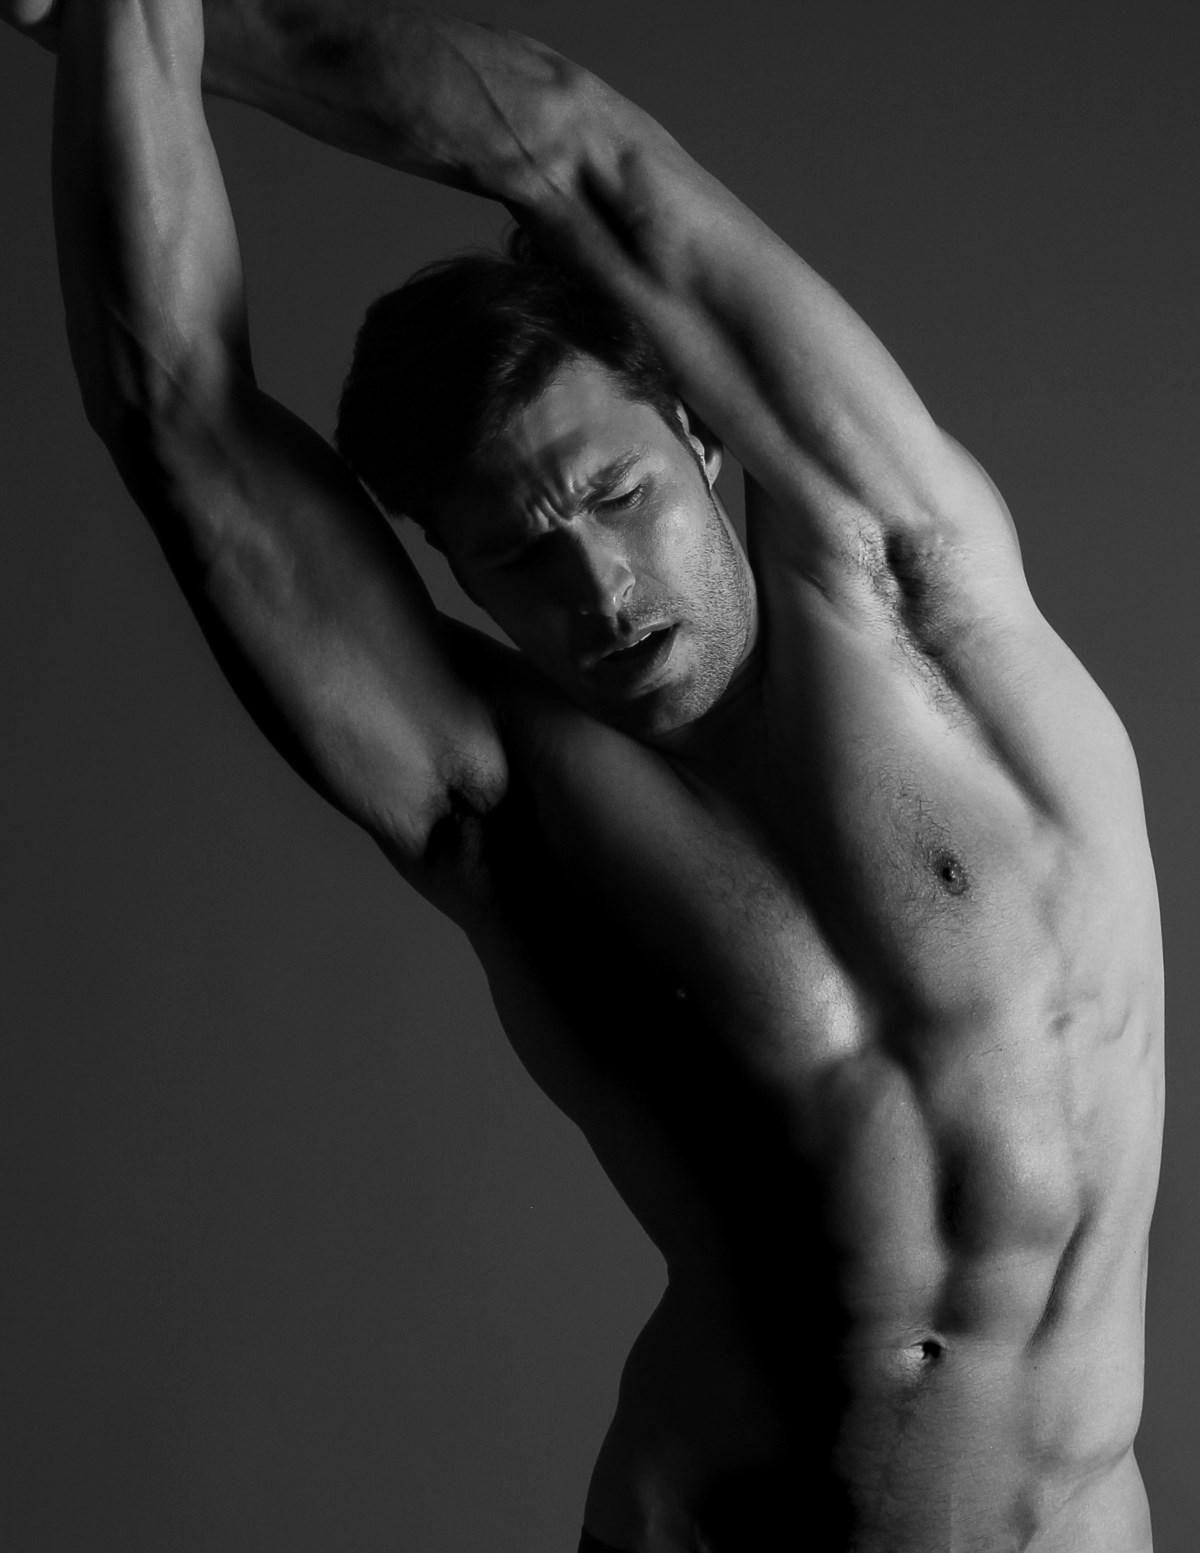 Фото видео мужчины голые фото высокого разрешения — pic 1